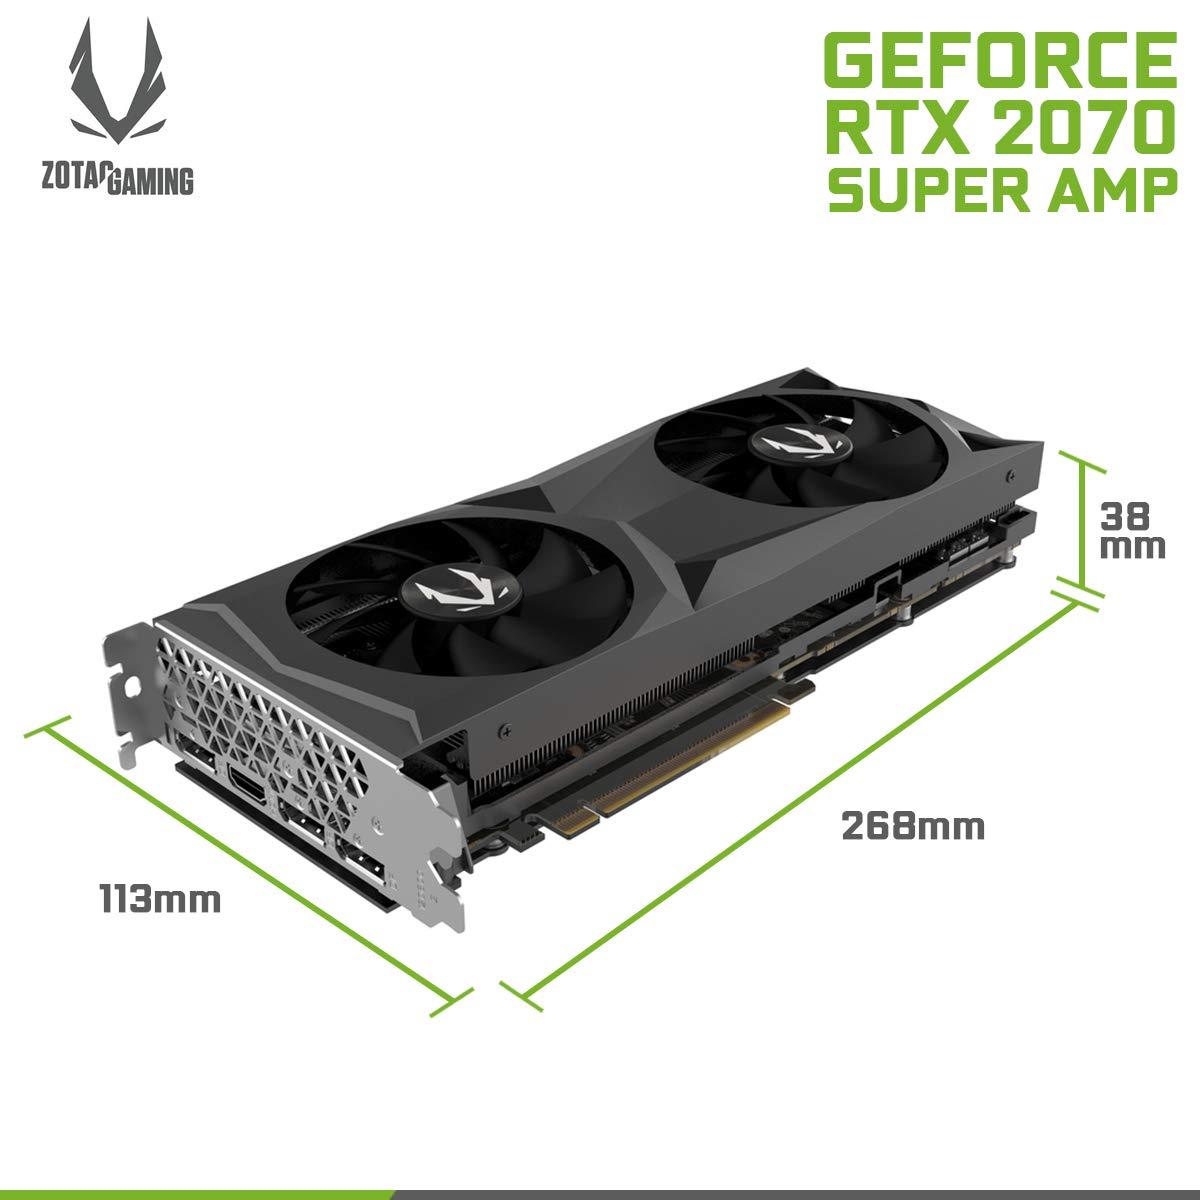 VGA ZOTAC RTX 2070 Super AMP,NV,RTX2070,GDDR6,8GB,256BIT,HDMI+3DP,2 Ventiladores -ICESTORM 2.0 Cooling- (ZT-T20710D-10P)